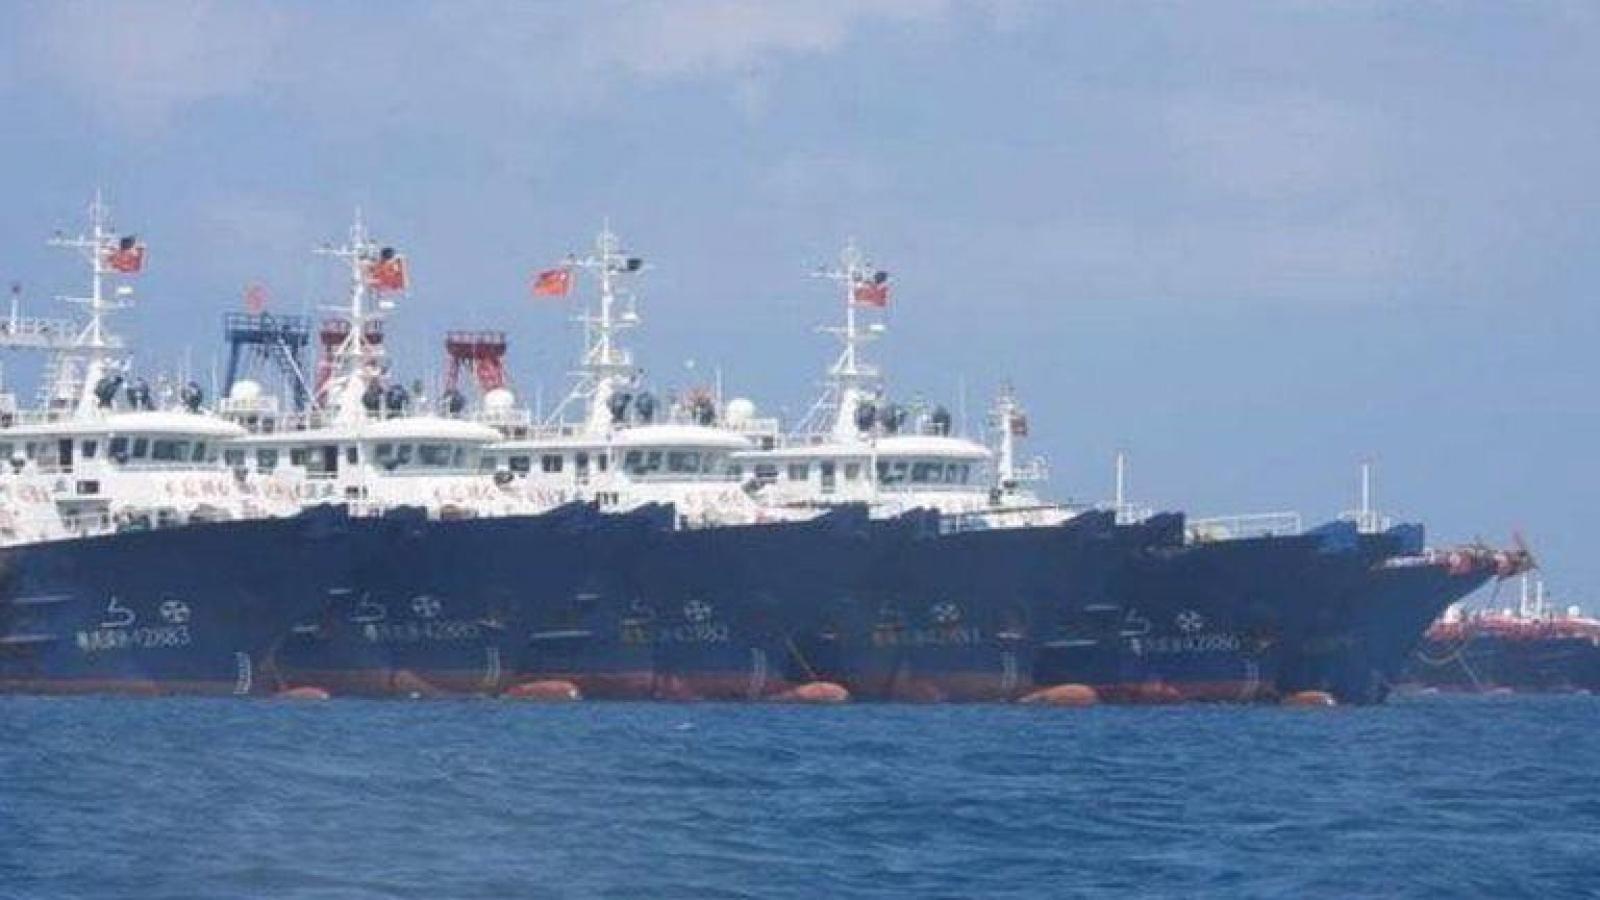 Philippines phát hiện các cấu trúc nhân tạo gần nơi tàu Trung Quốc tập kết ở Biển Đông